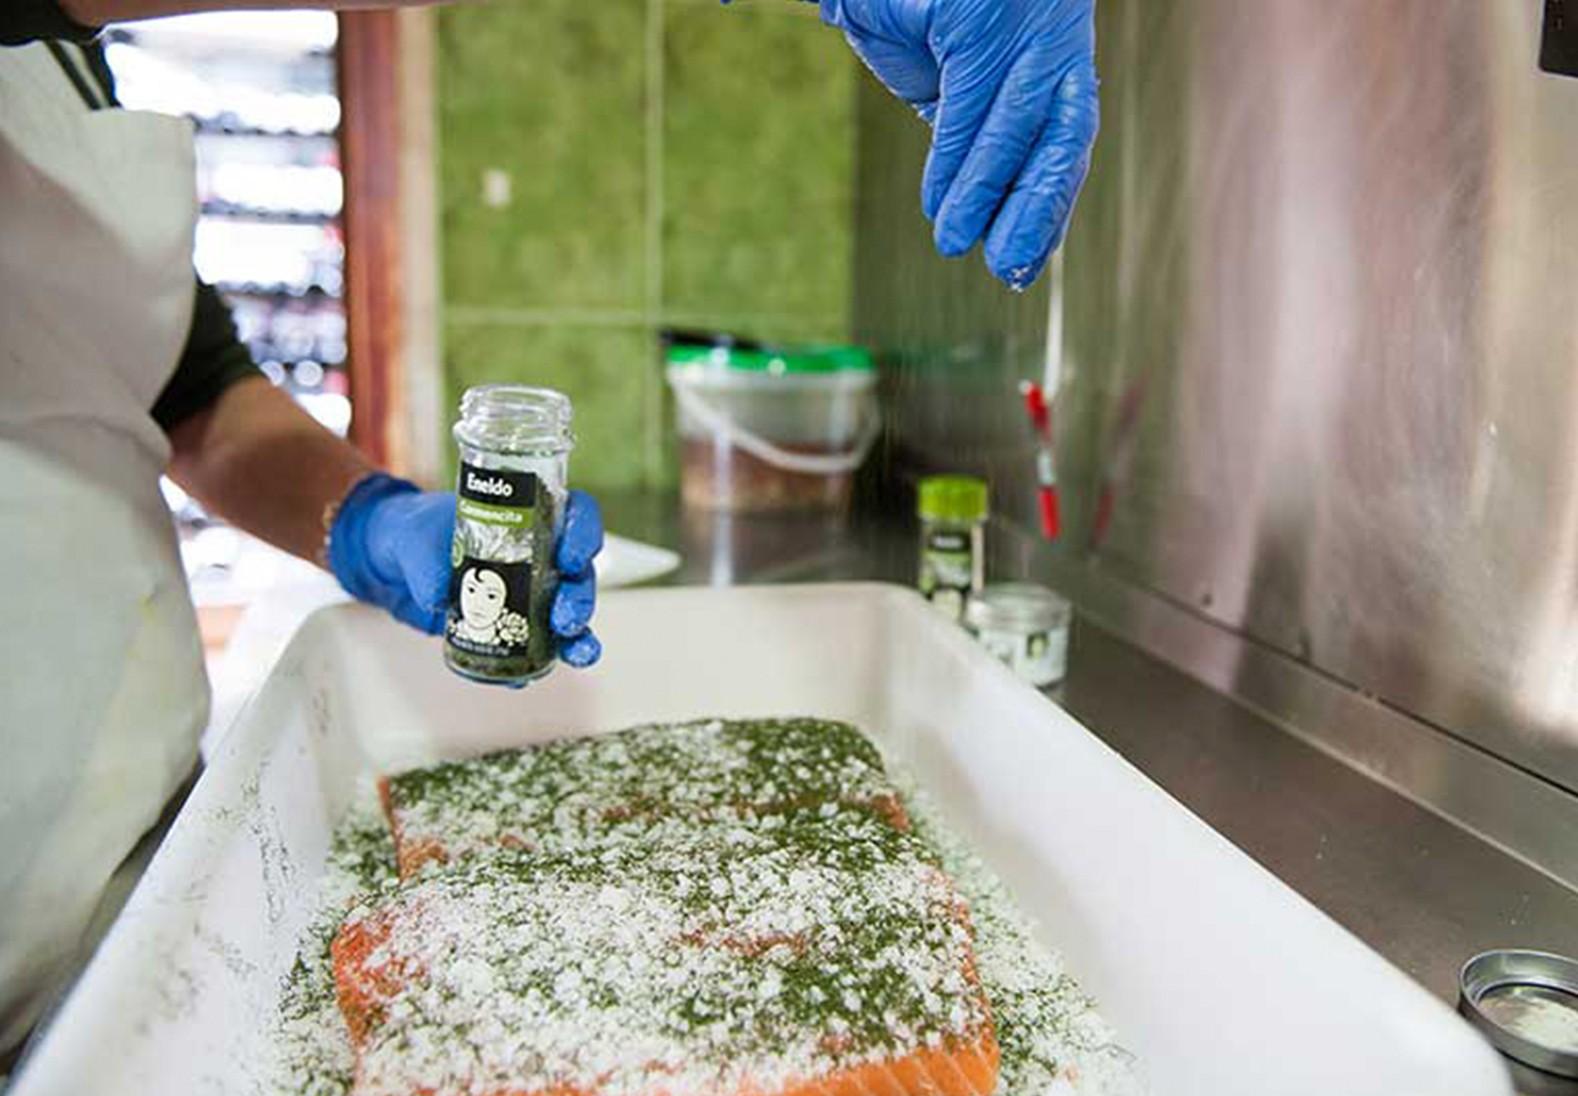 Carmencita cocina con restaurante Rosas, salmón marinado, Alicante.